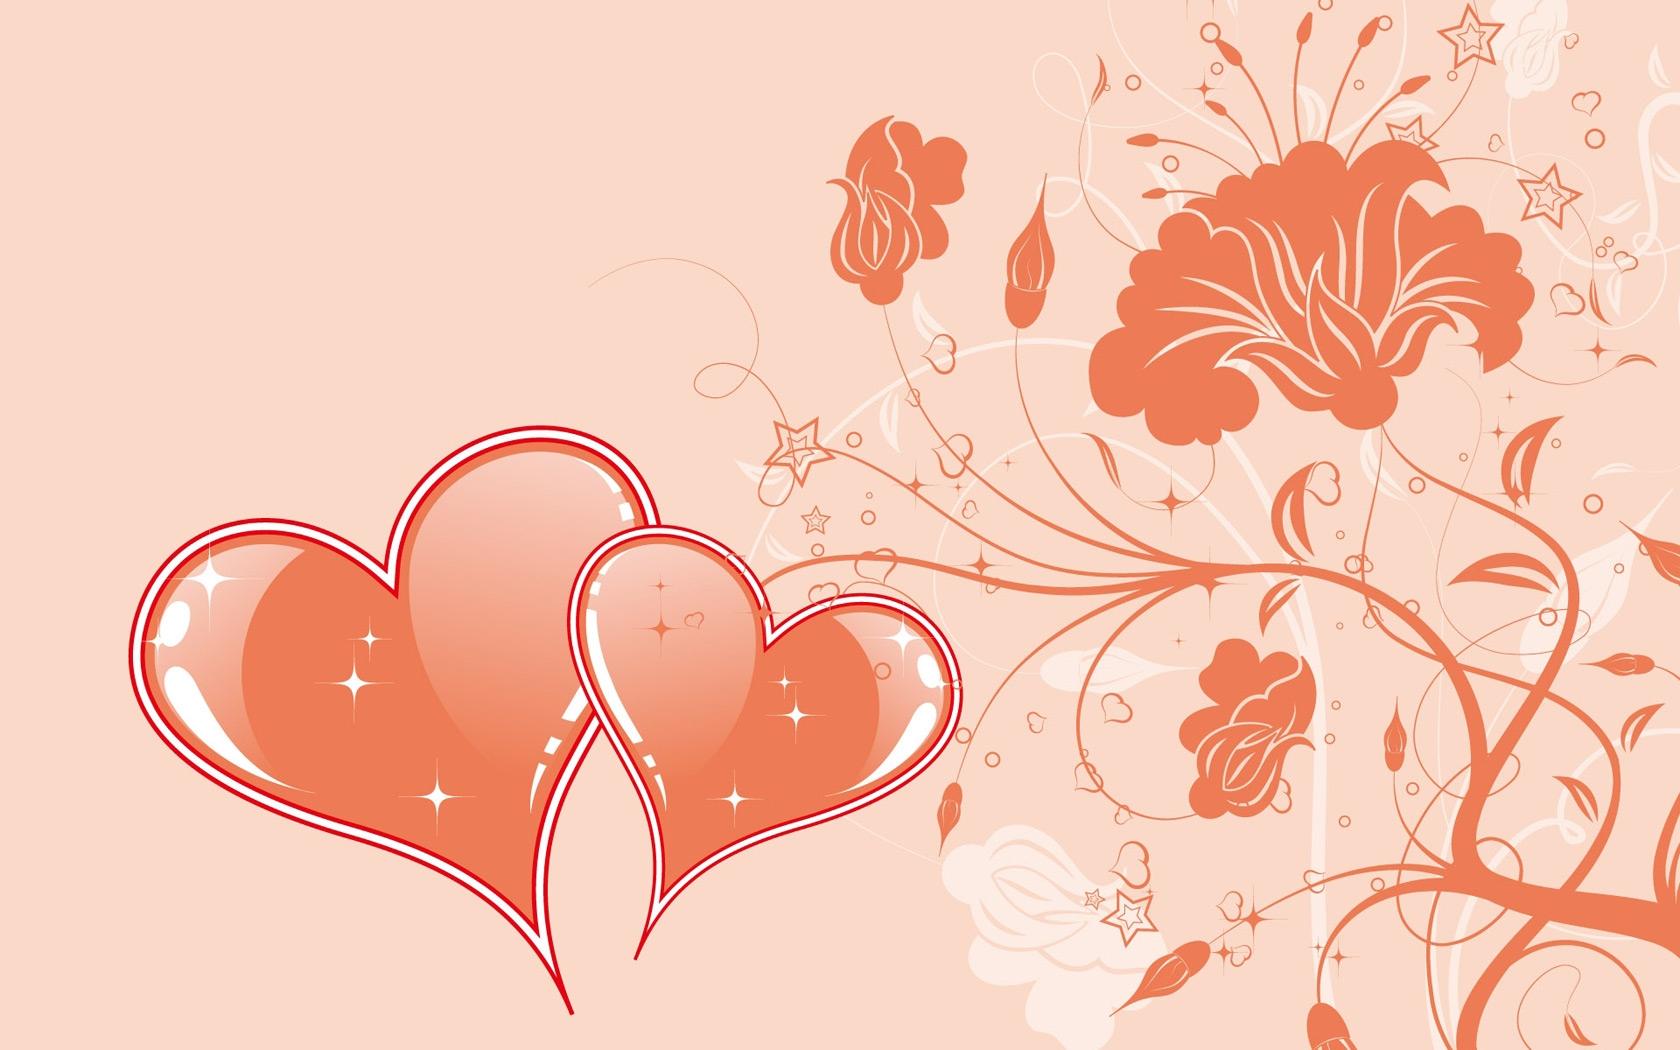 Картинка день влюбленных на презентацию